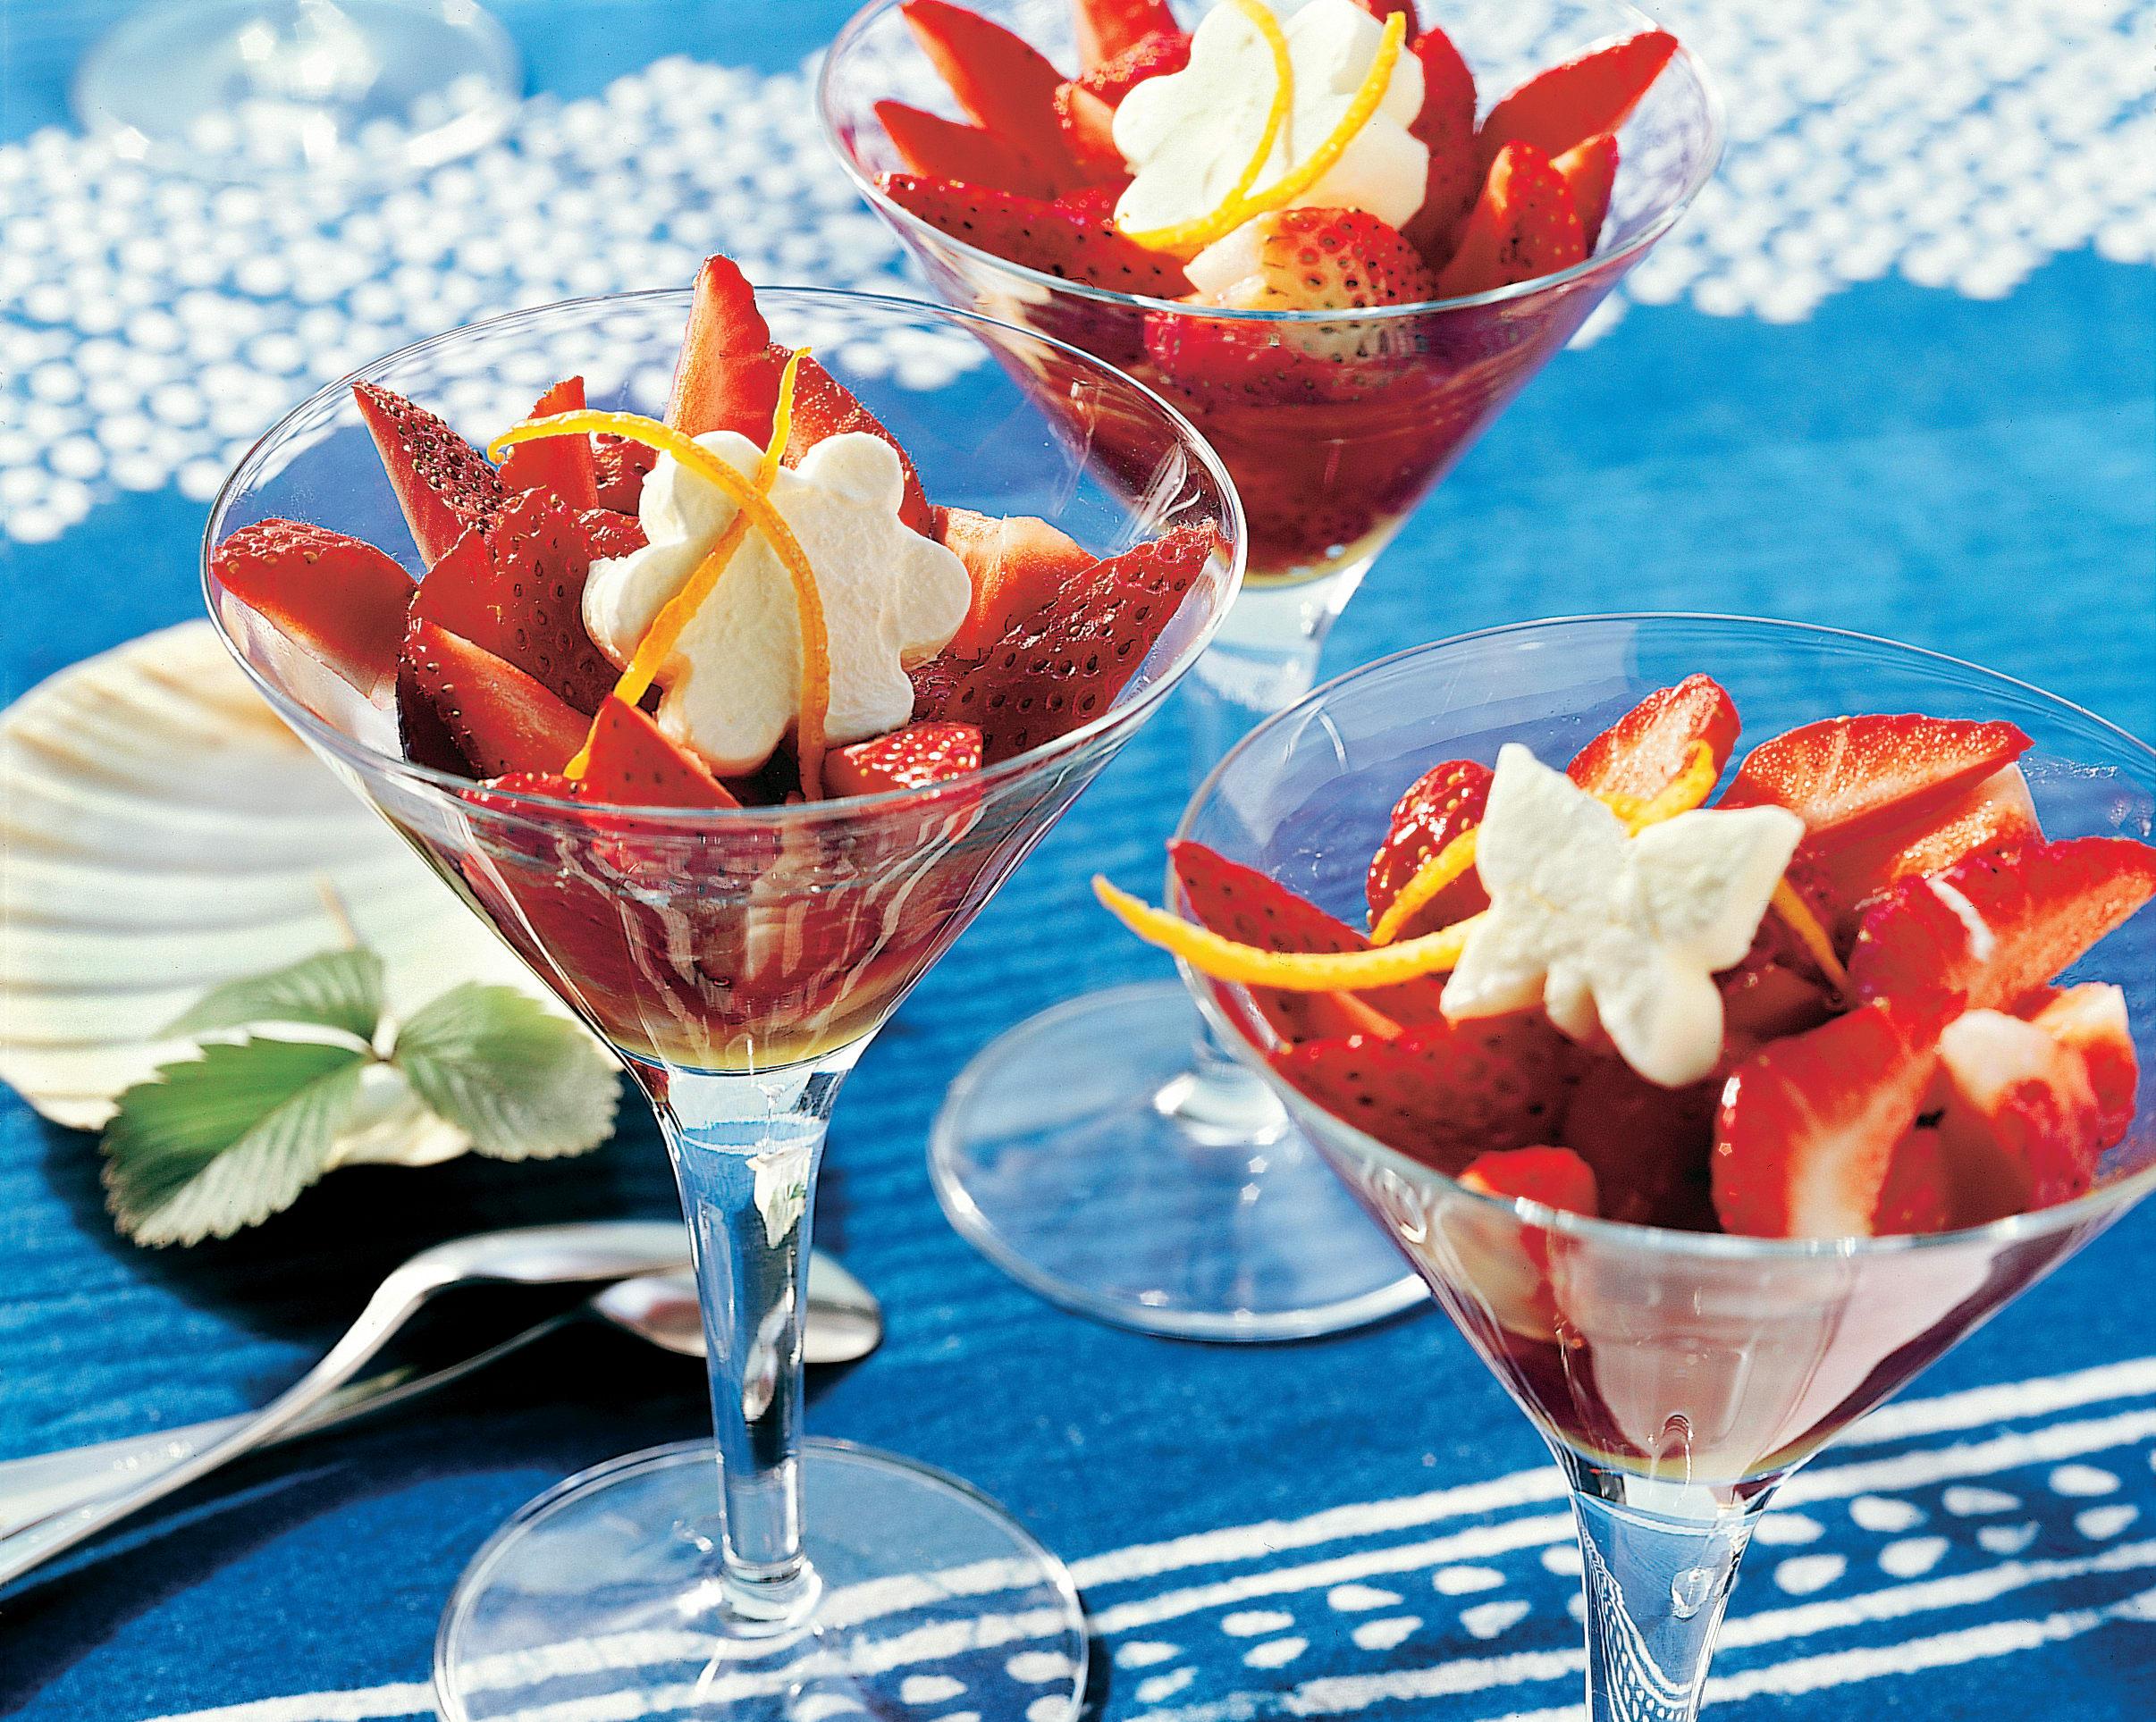 Fraises et leur crème glacée aux fleurs de sureau